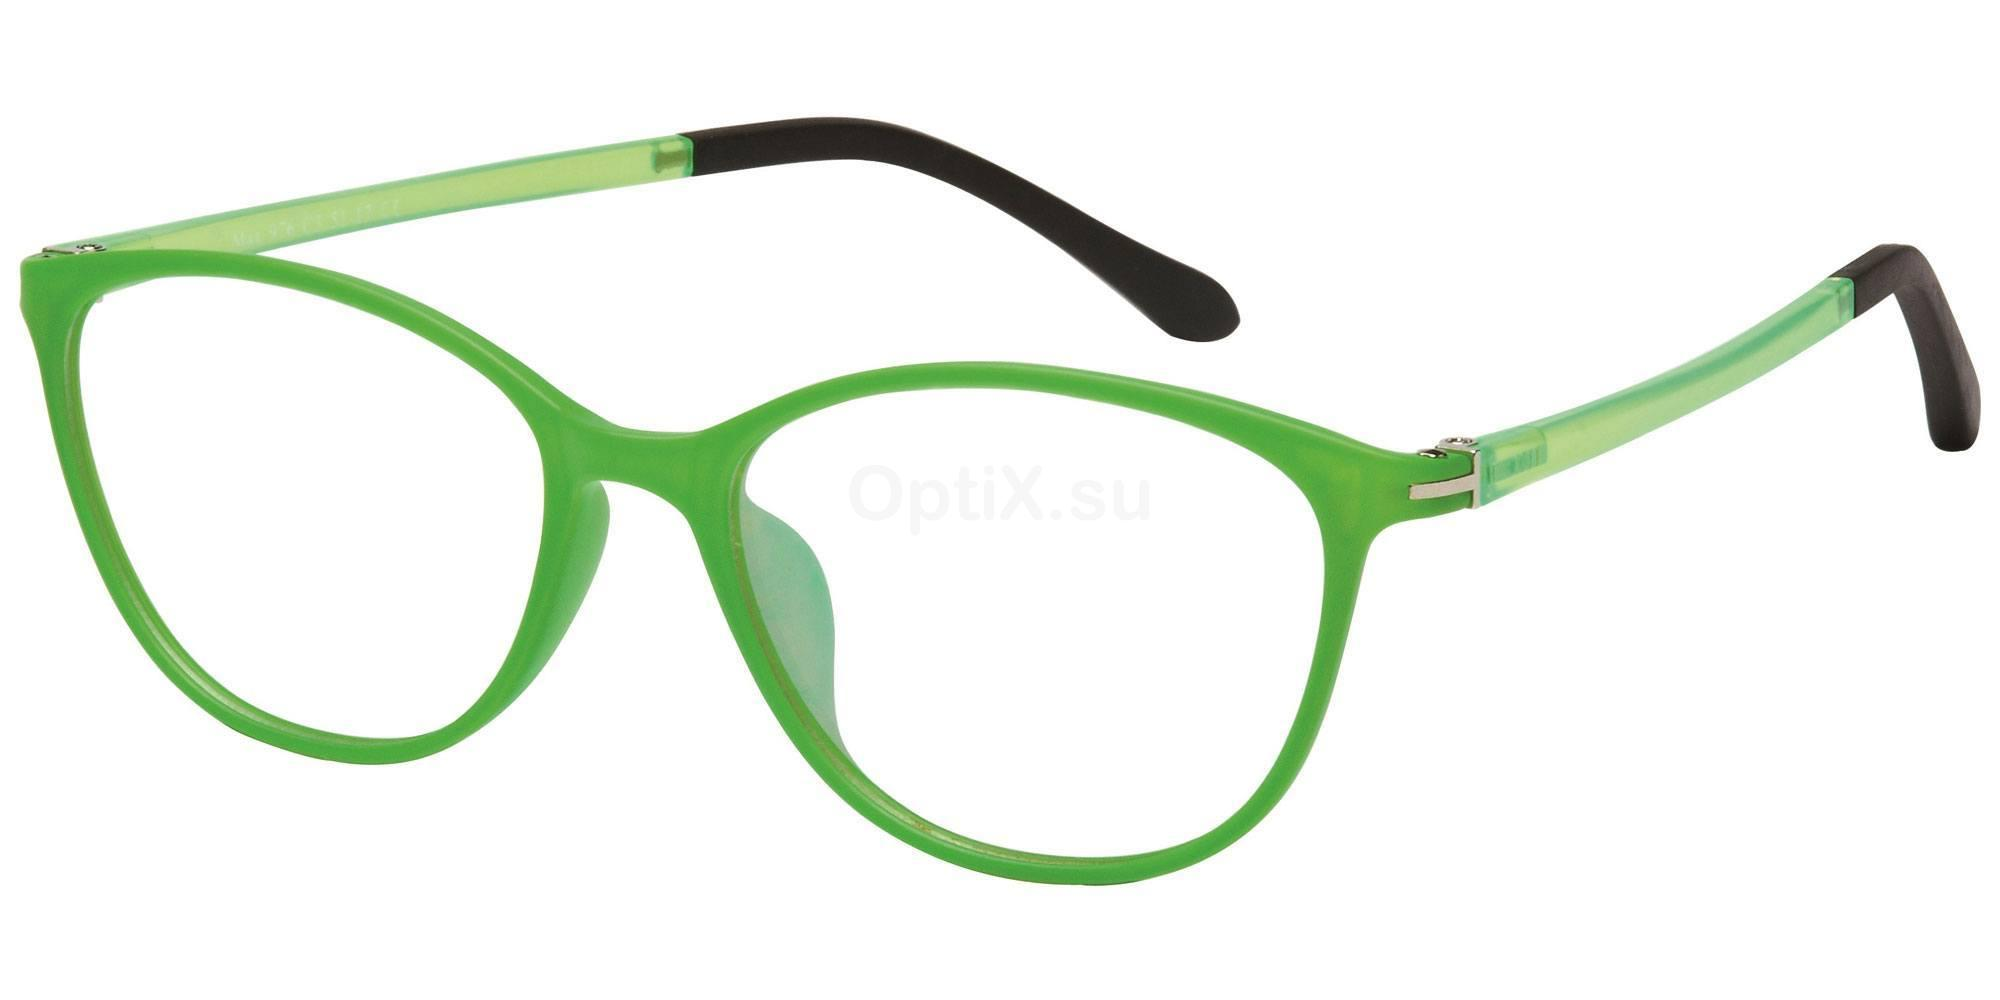 C3 M976 , Max Eyewear